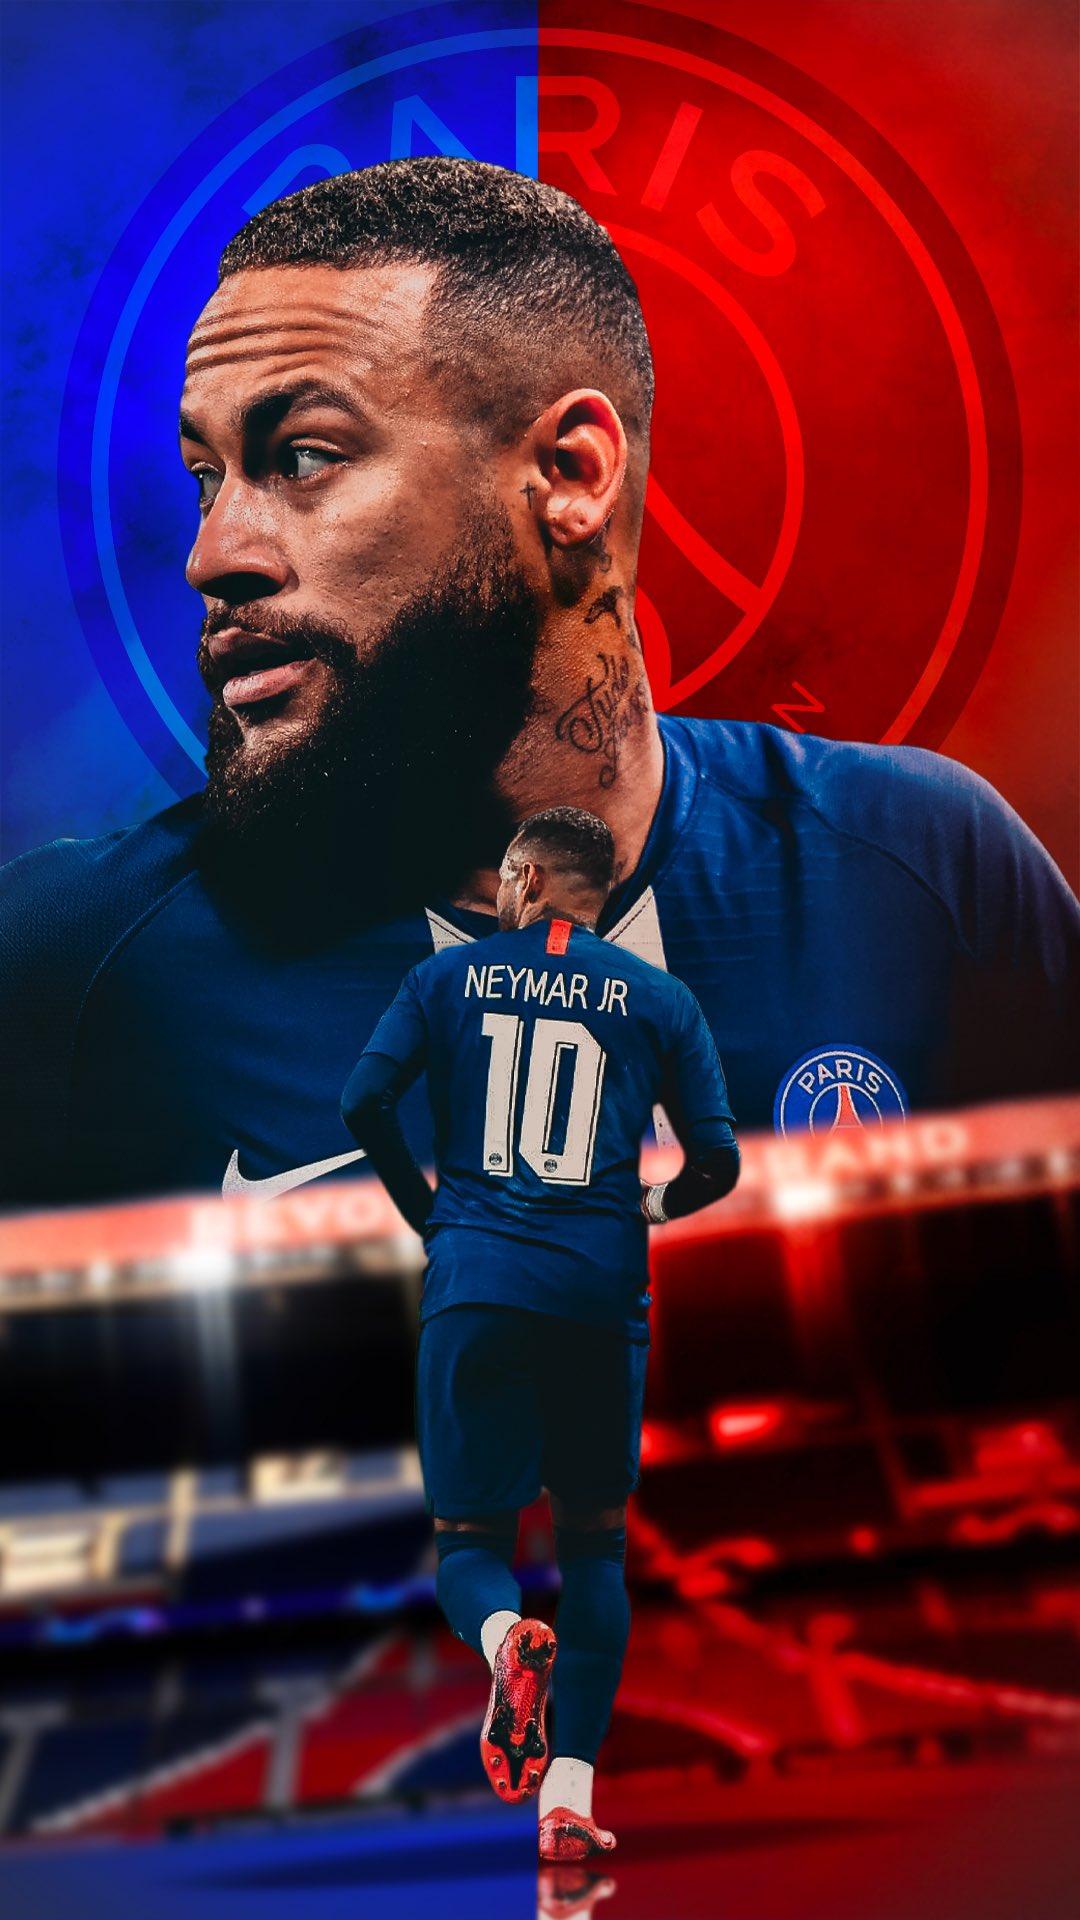 Wm 2021 Neymar